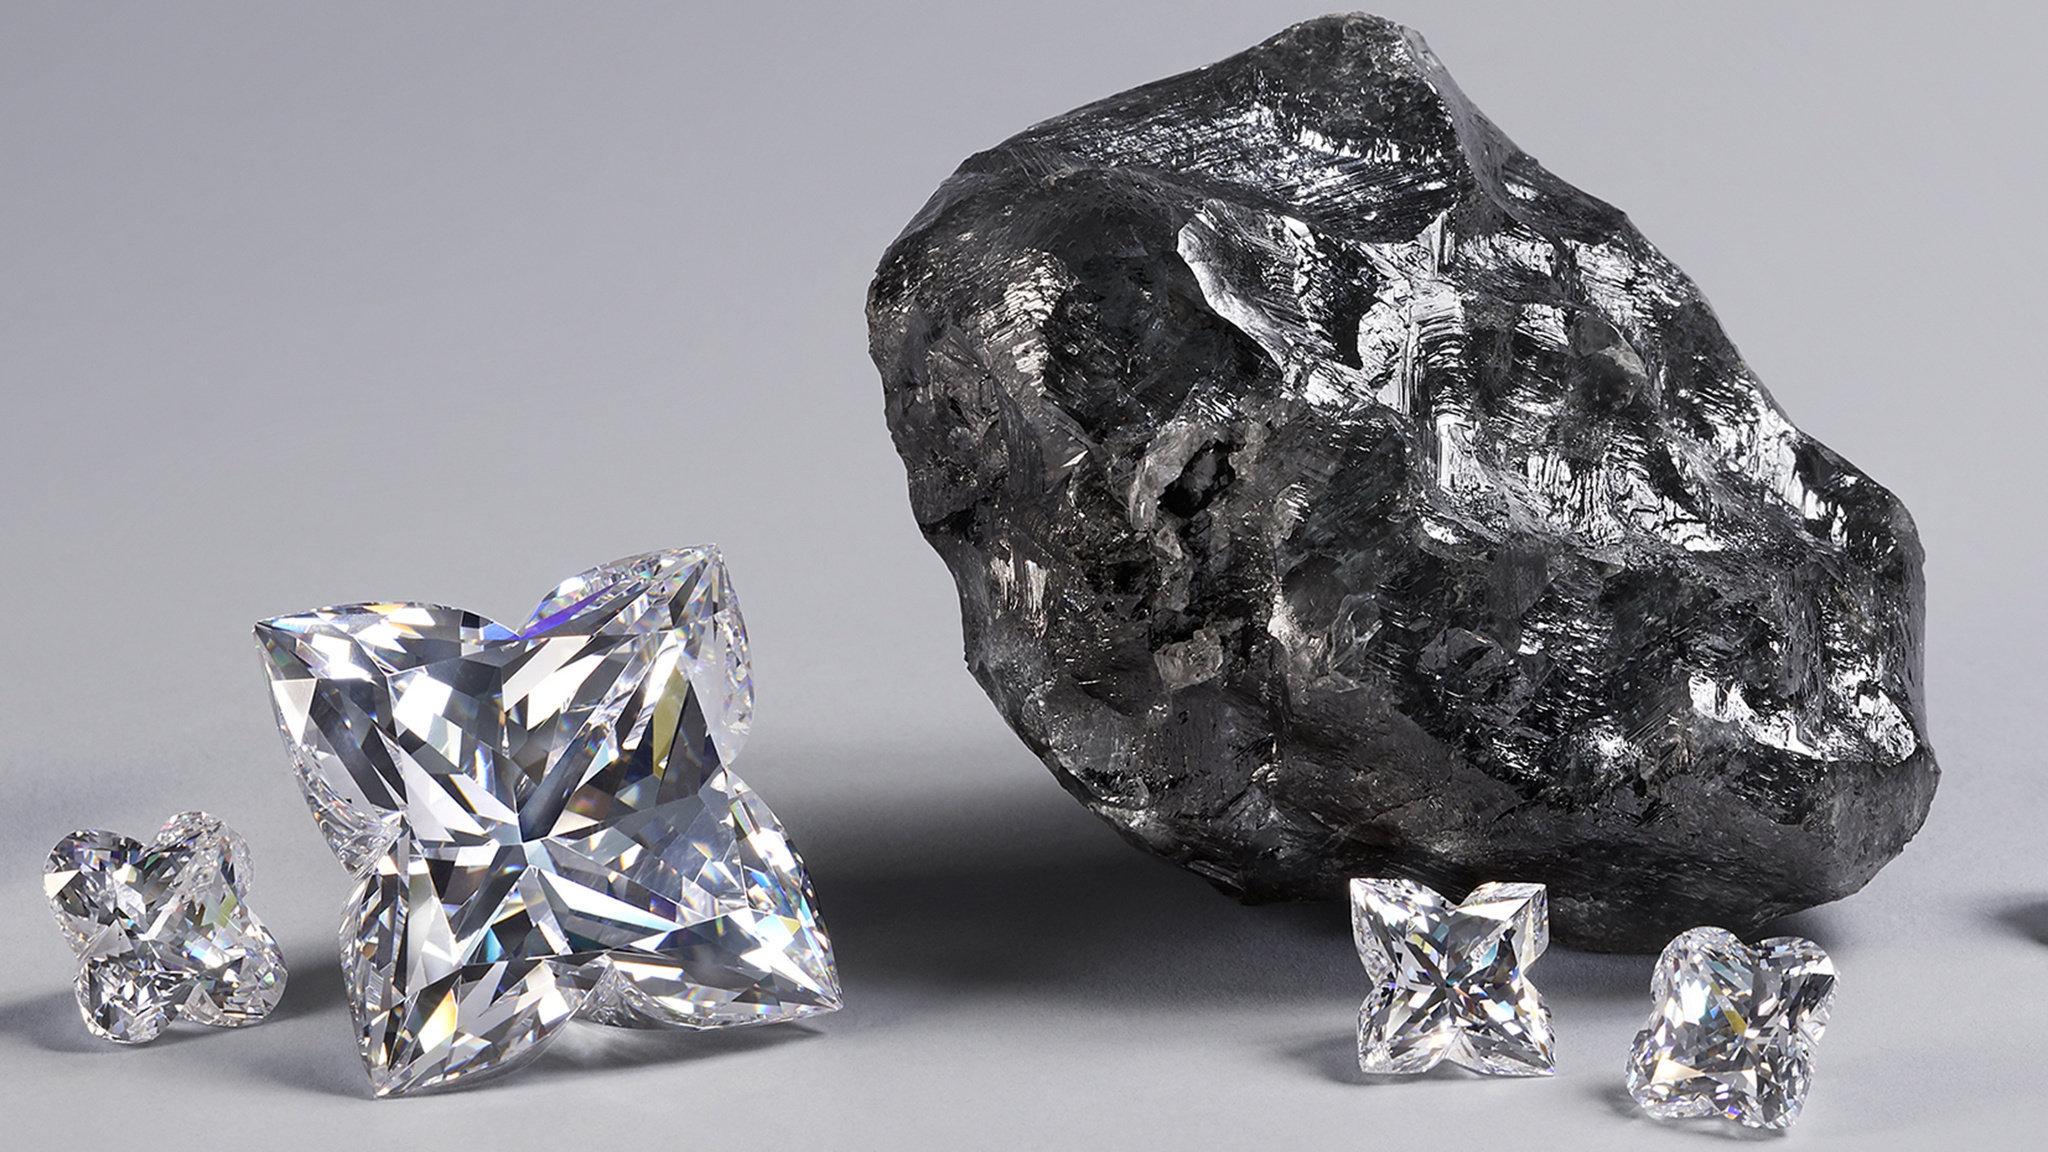 Louis Vuitton Snaps Up World S Largest Uncut Diamond Financial Times